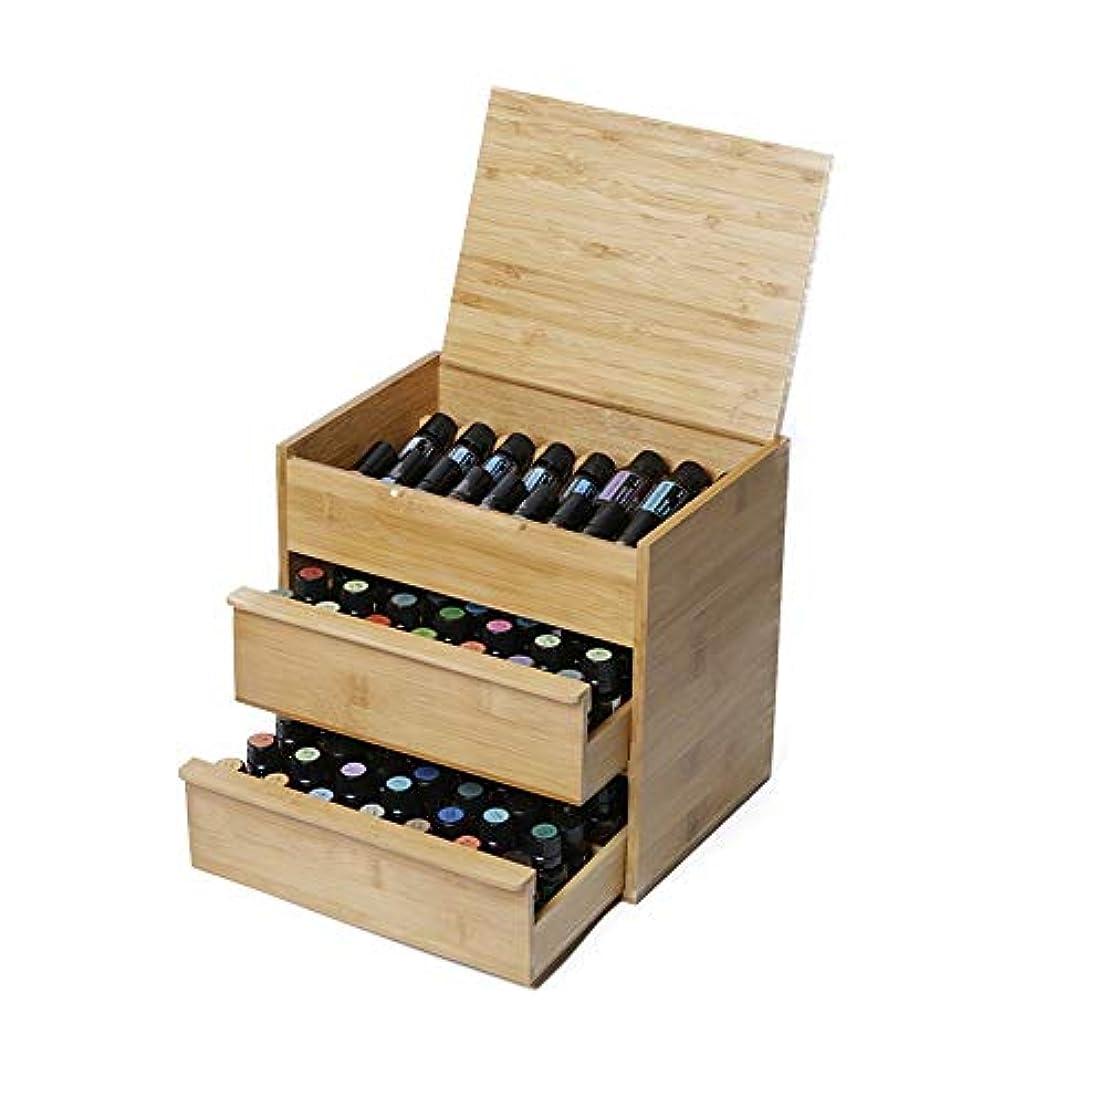 軍団シルクそんなにアロマセラピー収納ボックス 天然竹木のオイルボックスのスロット3つの棚内88動きが15/10/5ミリリットル瓶を開催しました エッセンシャルオイル収納ボックス (色 : Natural, サイズ : 26.5X24.5X19CM)